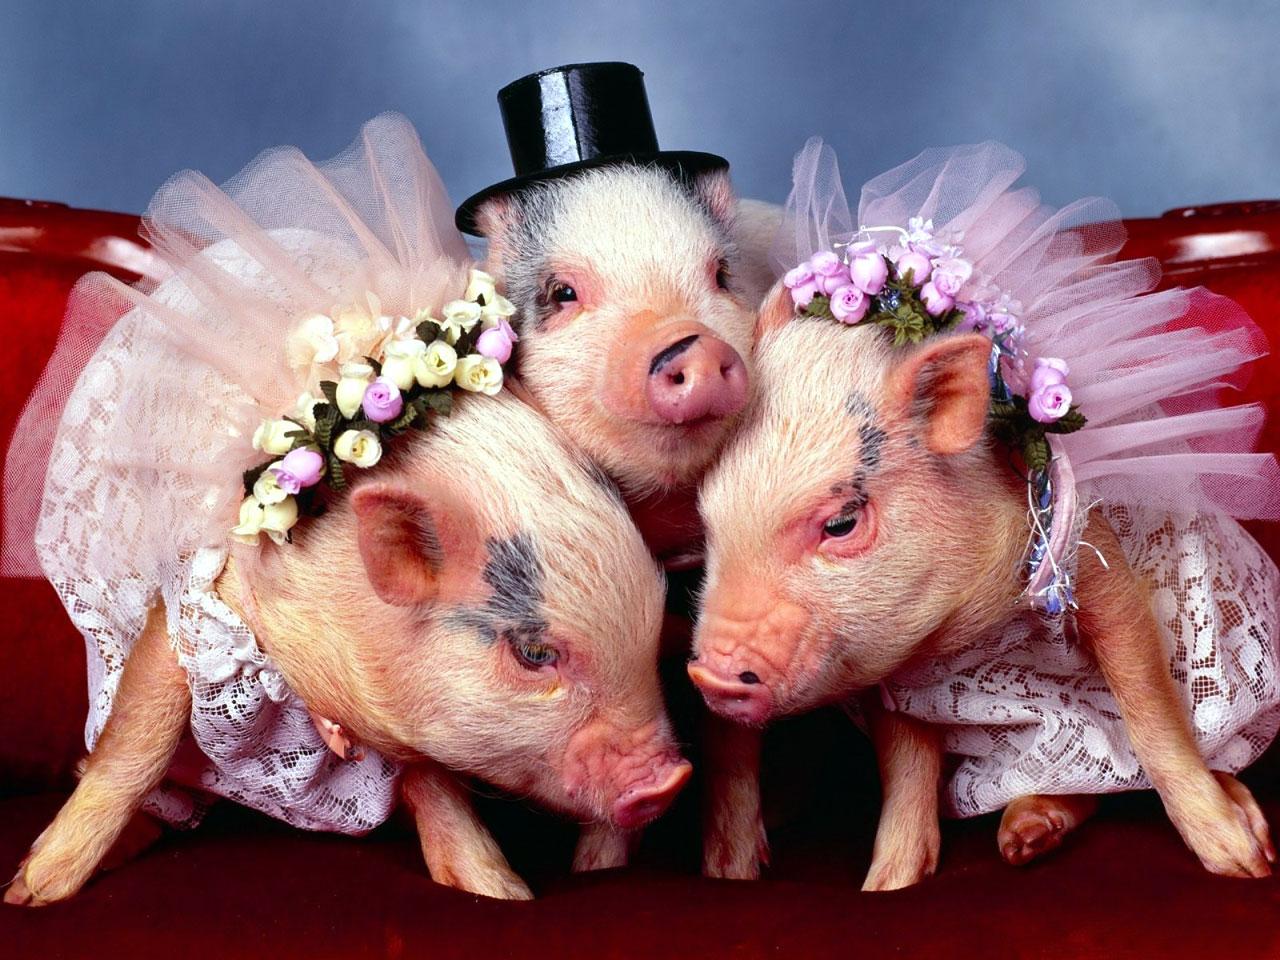 Cute Pig Wallpaper Backgrounds: Baby Pig Desktop Wallpaper